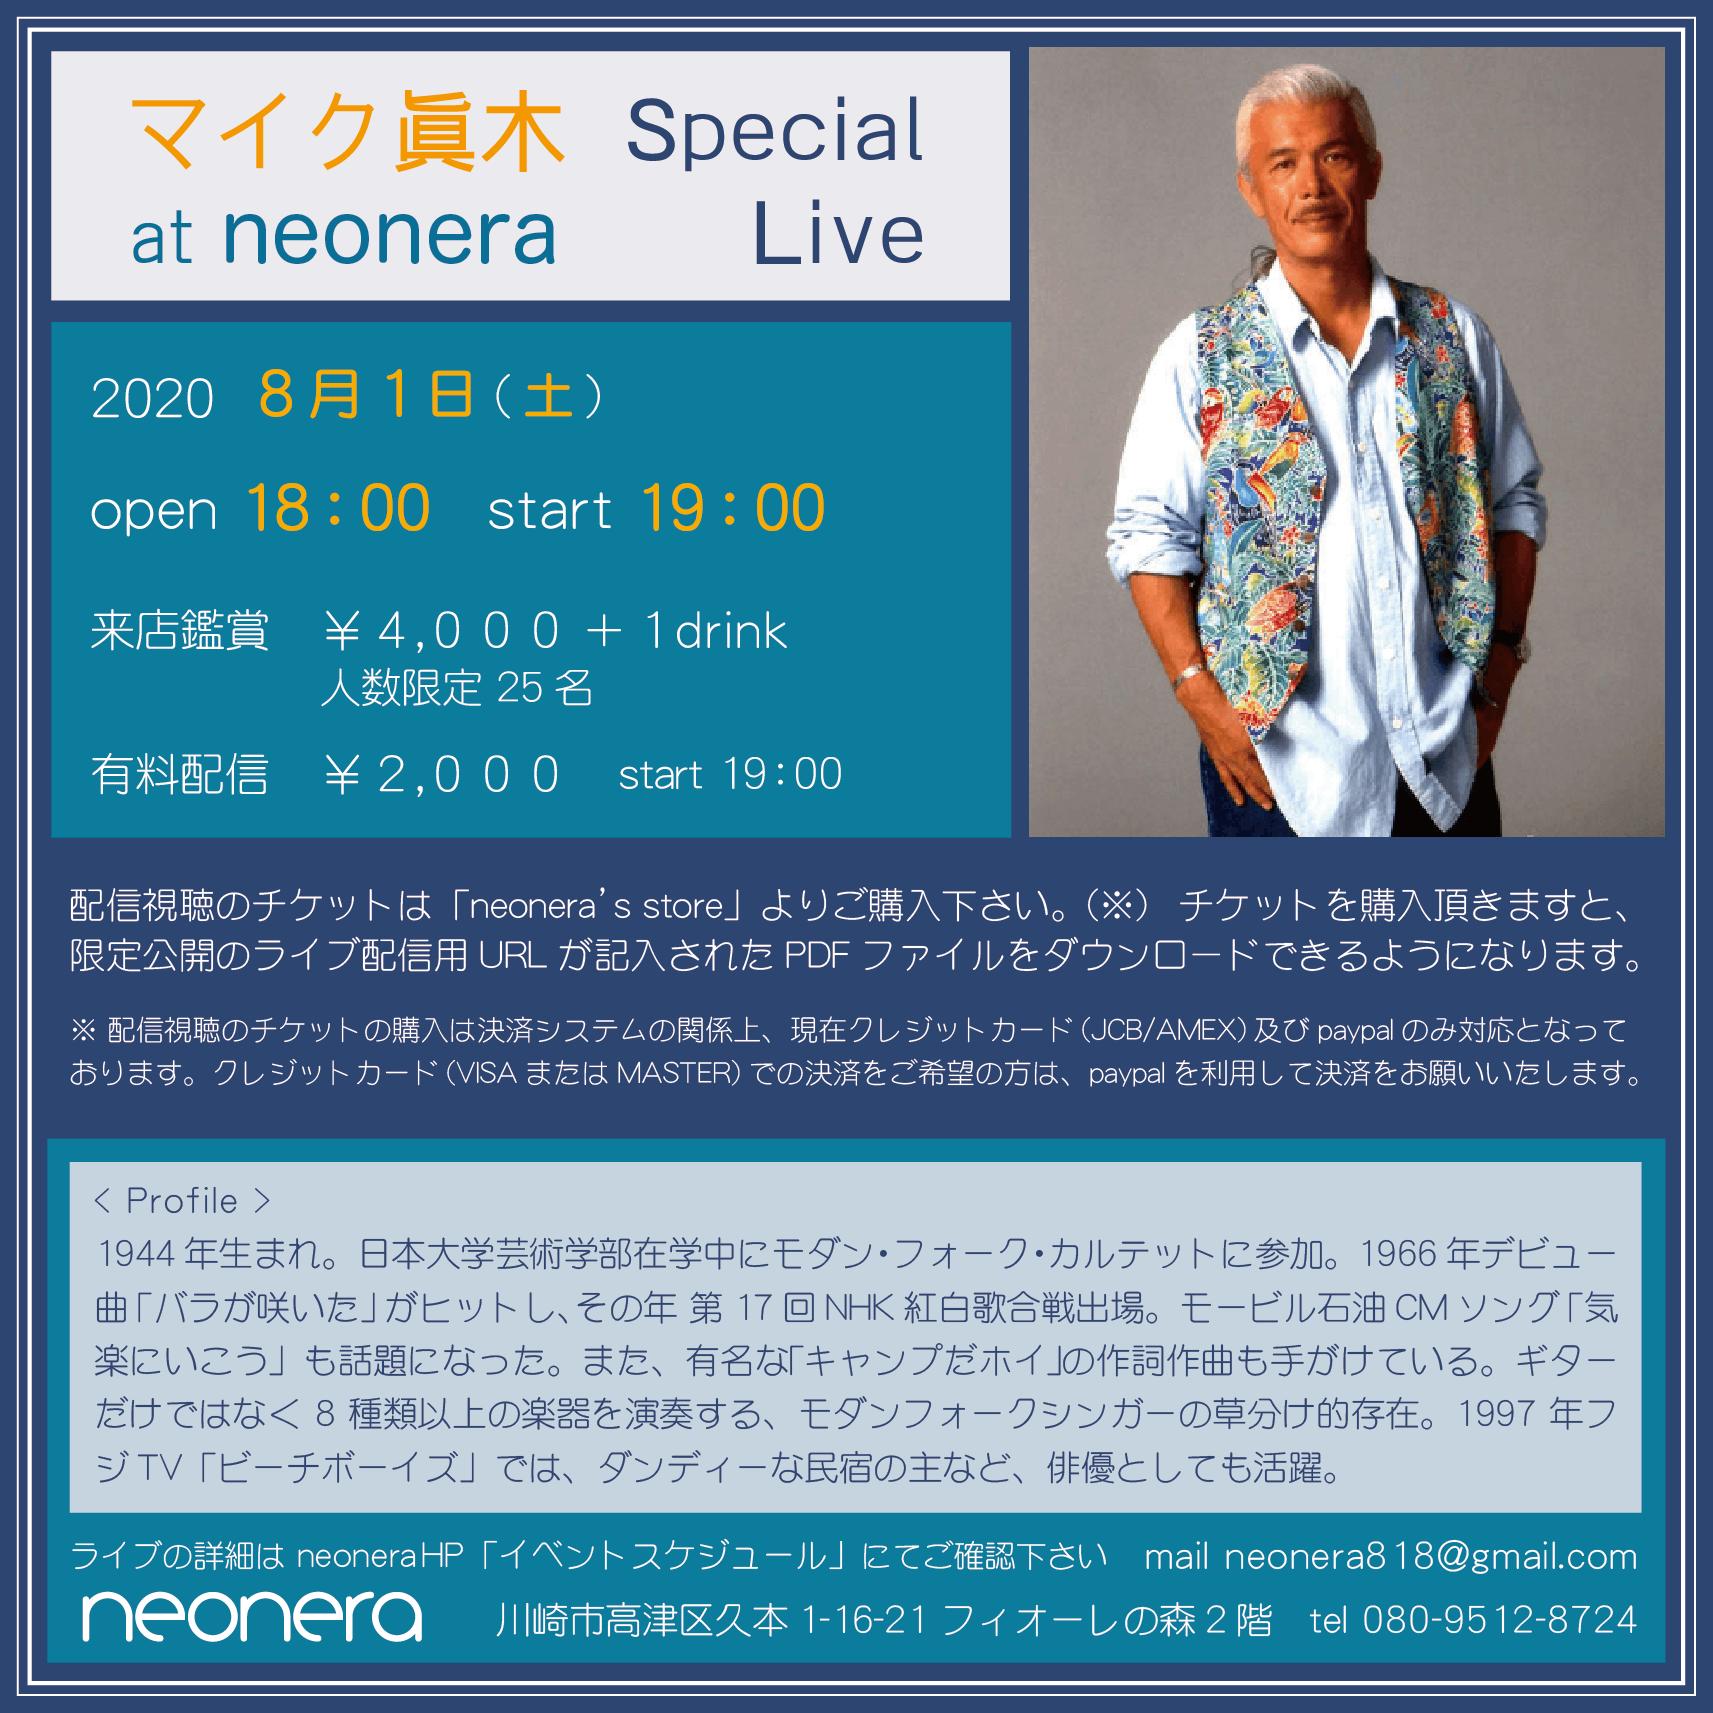 8月1日(土)マイク眞木 Special Live at neonera